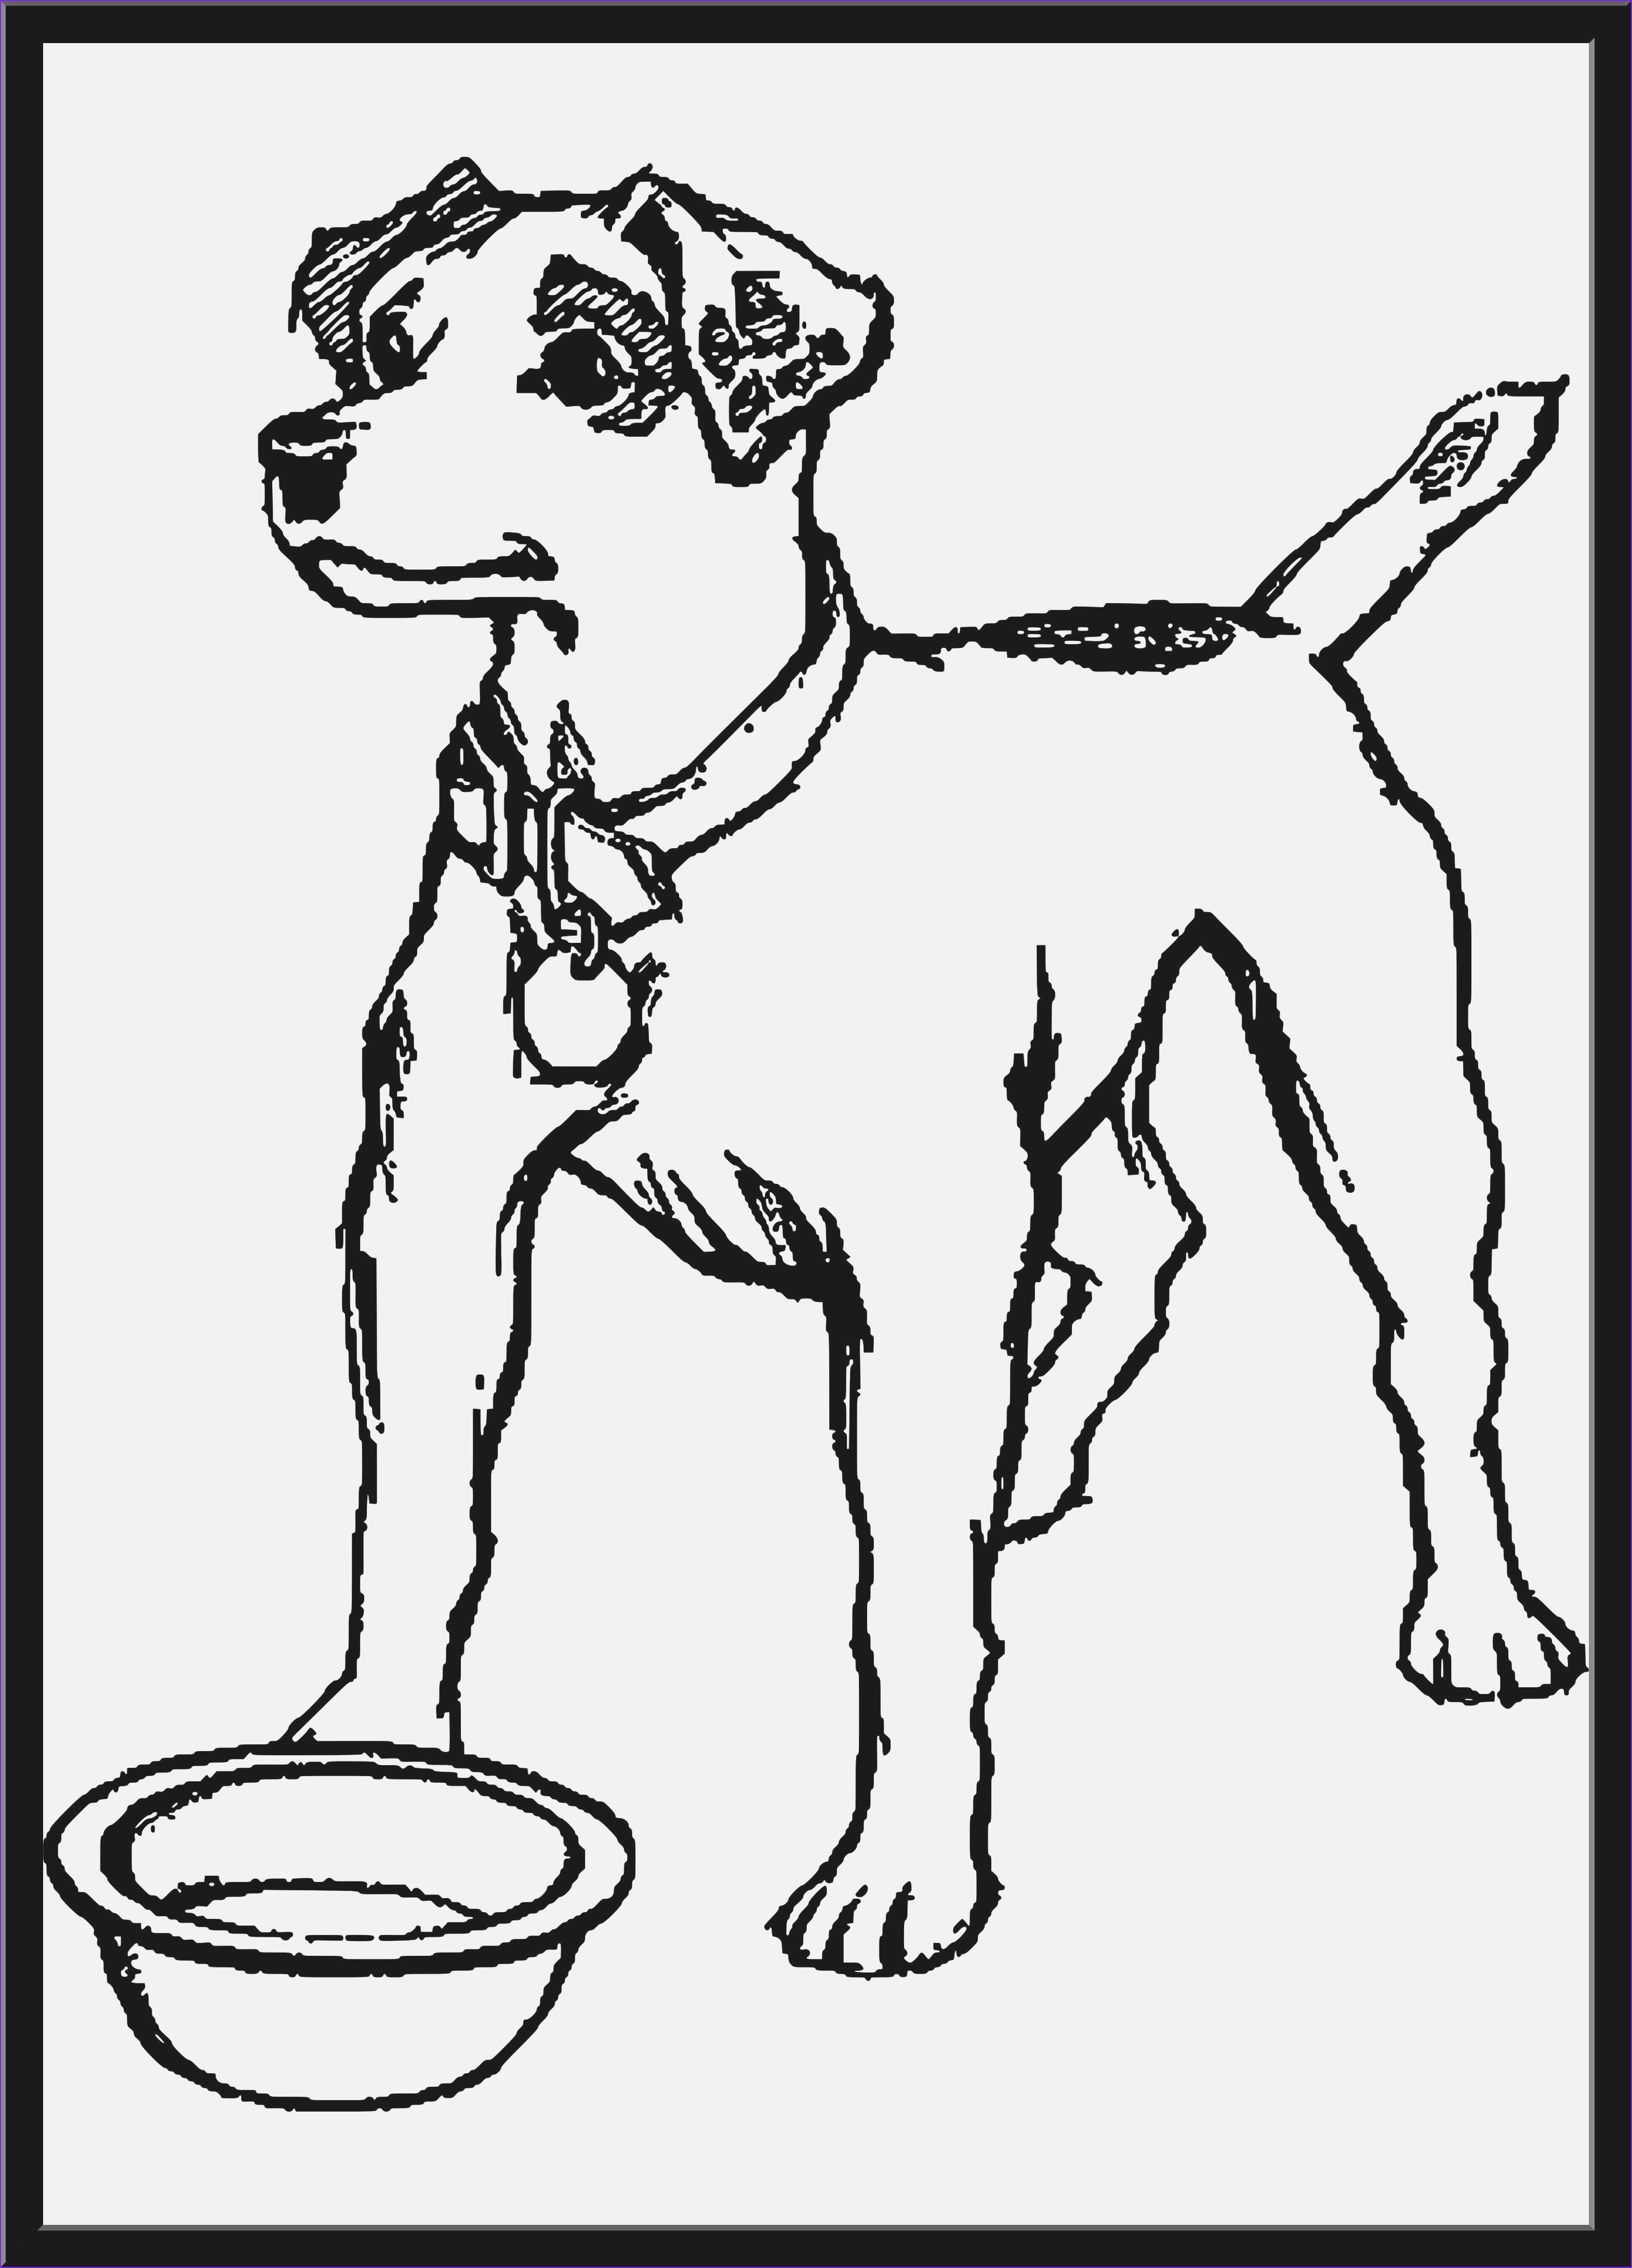 Ausmalbilder Minnie Maus Das Beste Von Hunde Ausmalbilder Zum Ausdrucken Schön Malvorlagen Minnie Mouse Fotos